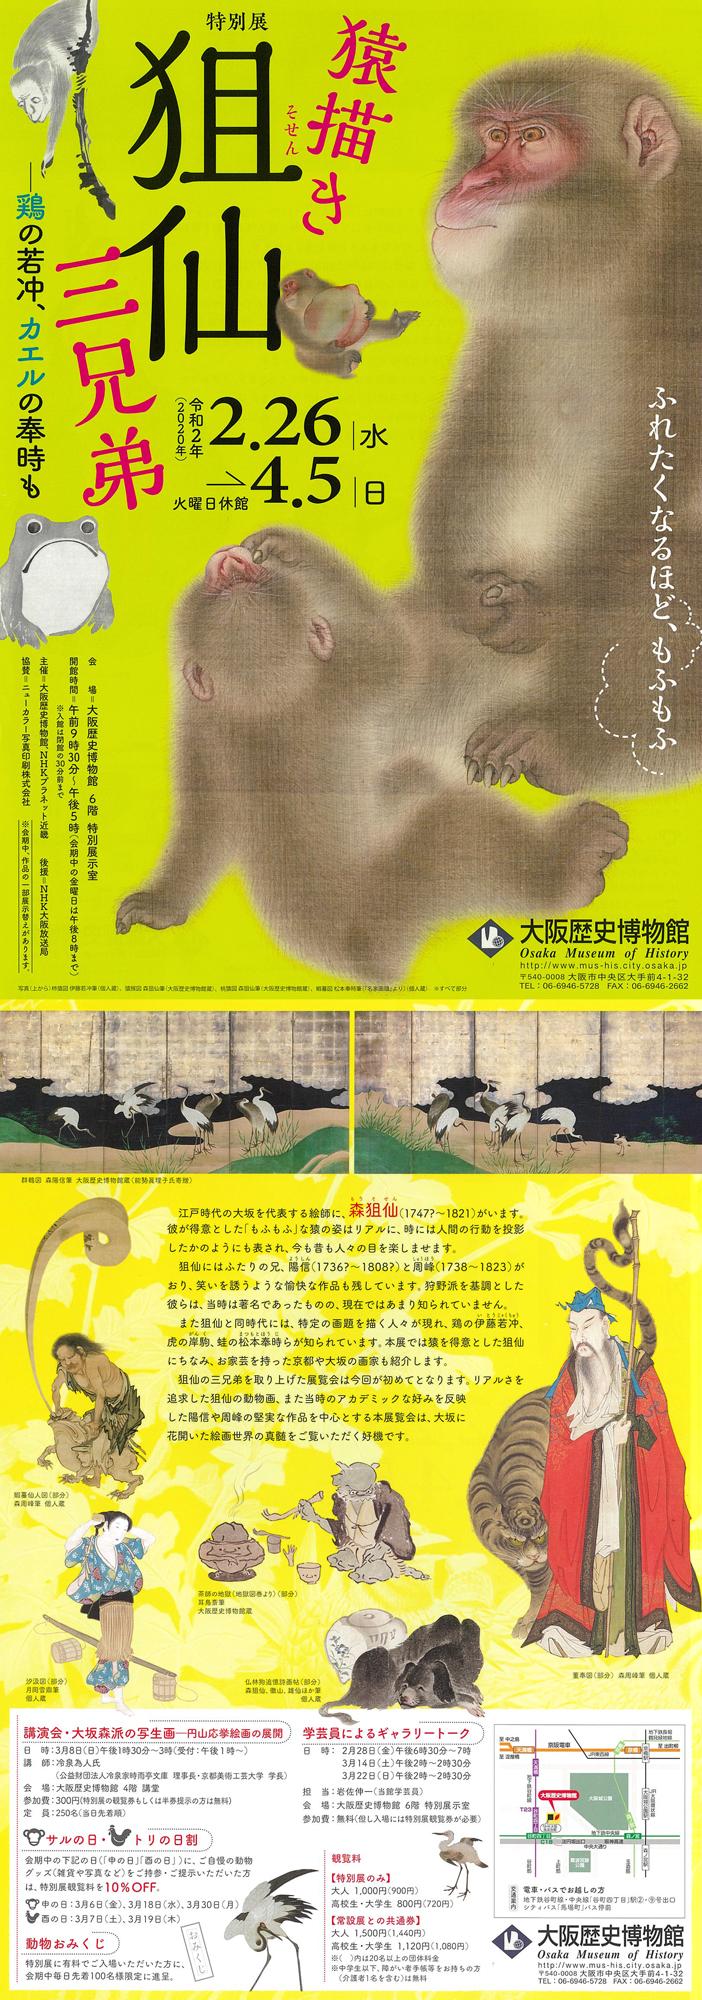 特別展「猿描き狙仙三兄弟 -鶏の若冲、カエルの奉時も」